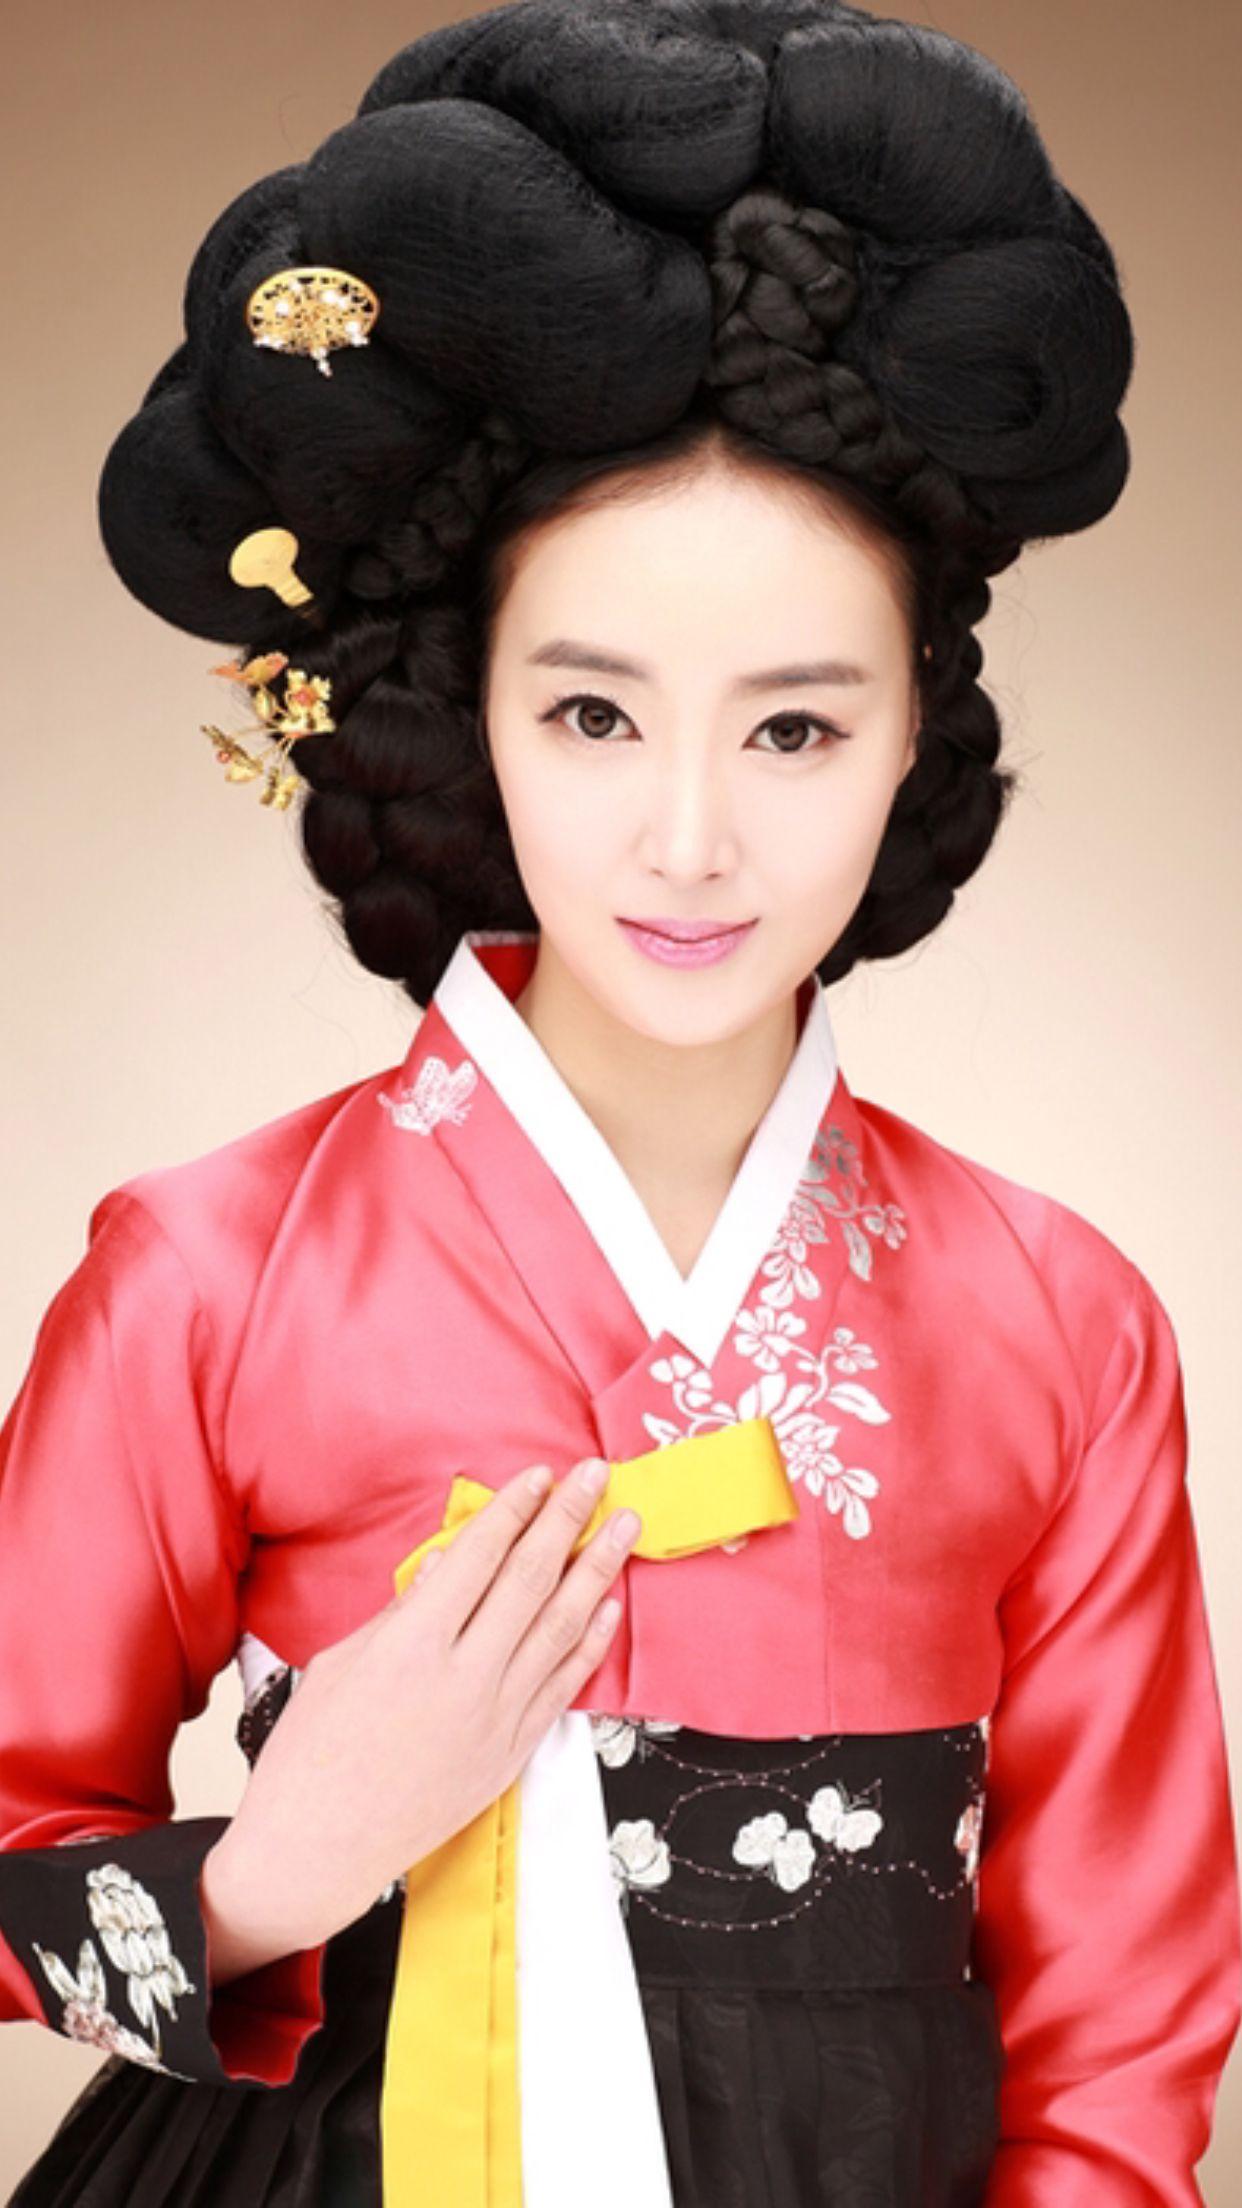 한복 Hanbok  Korean traditional clothesdress  Asia Dress